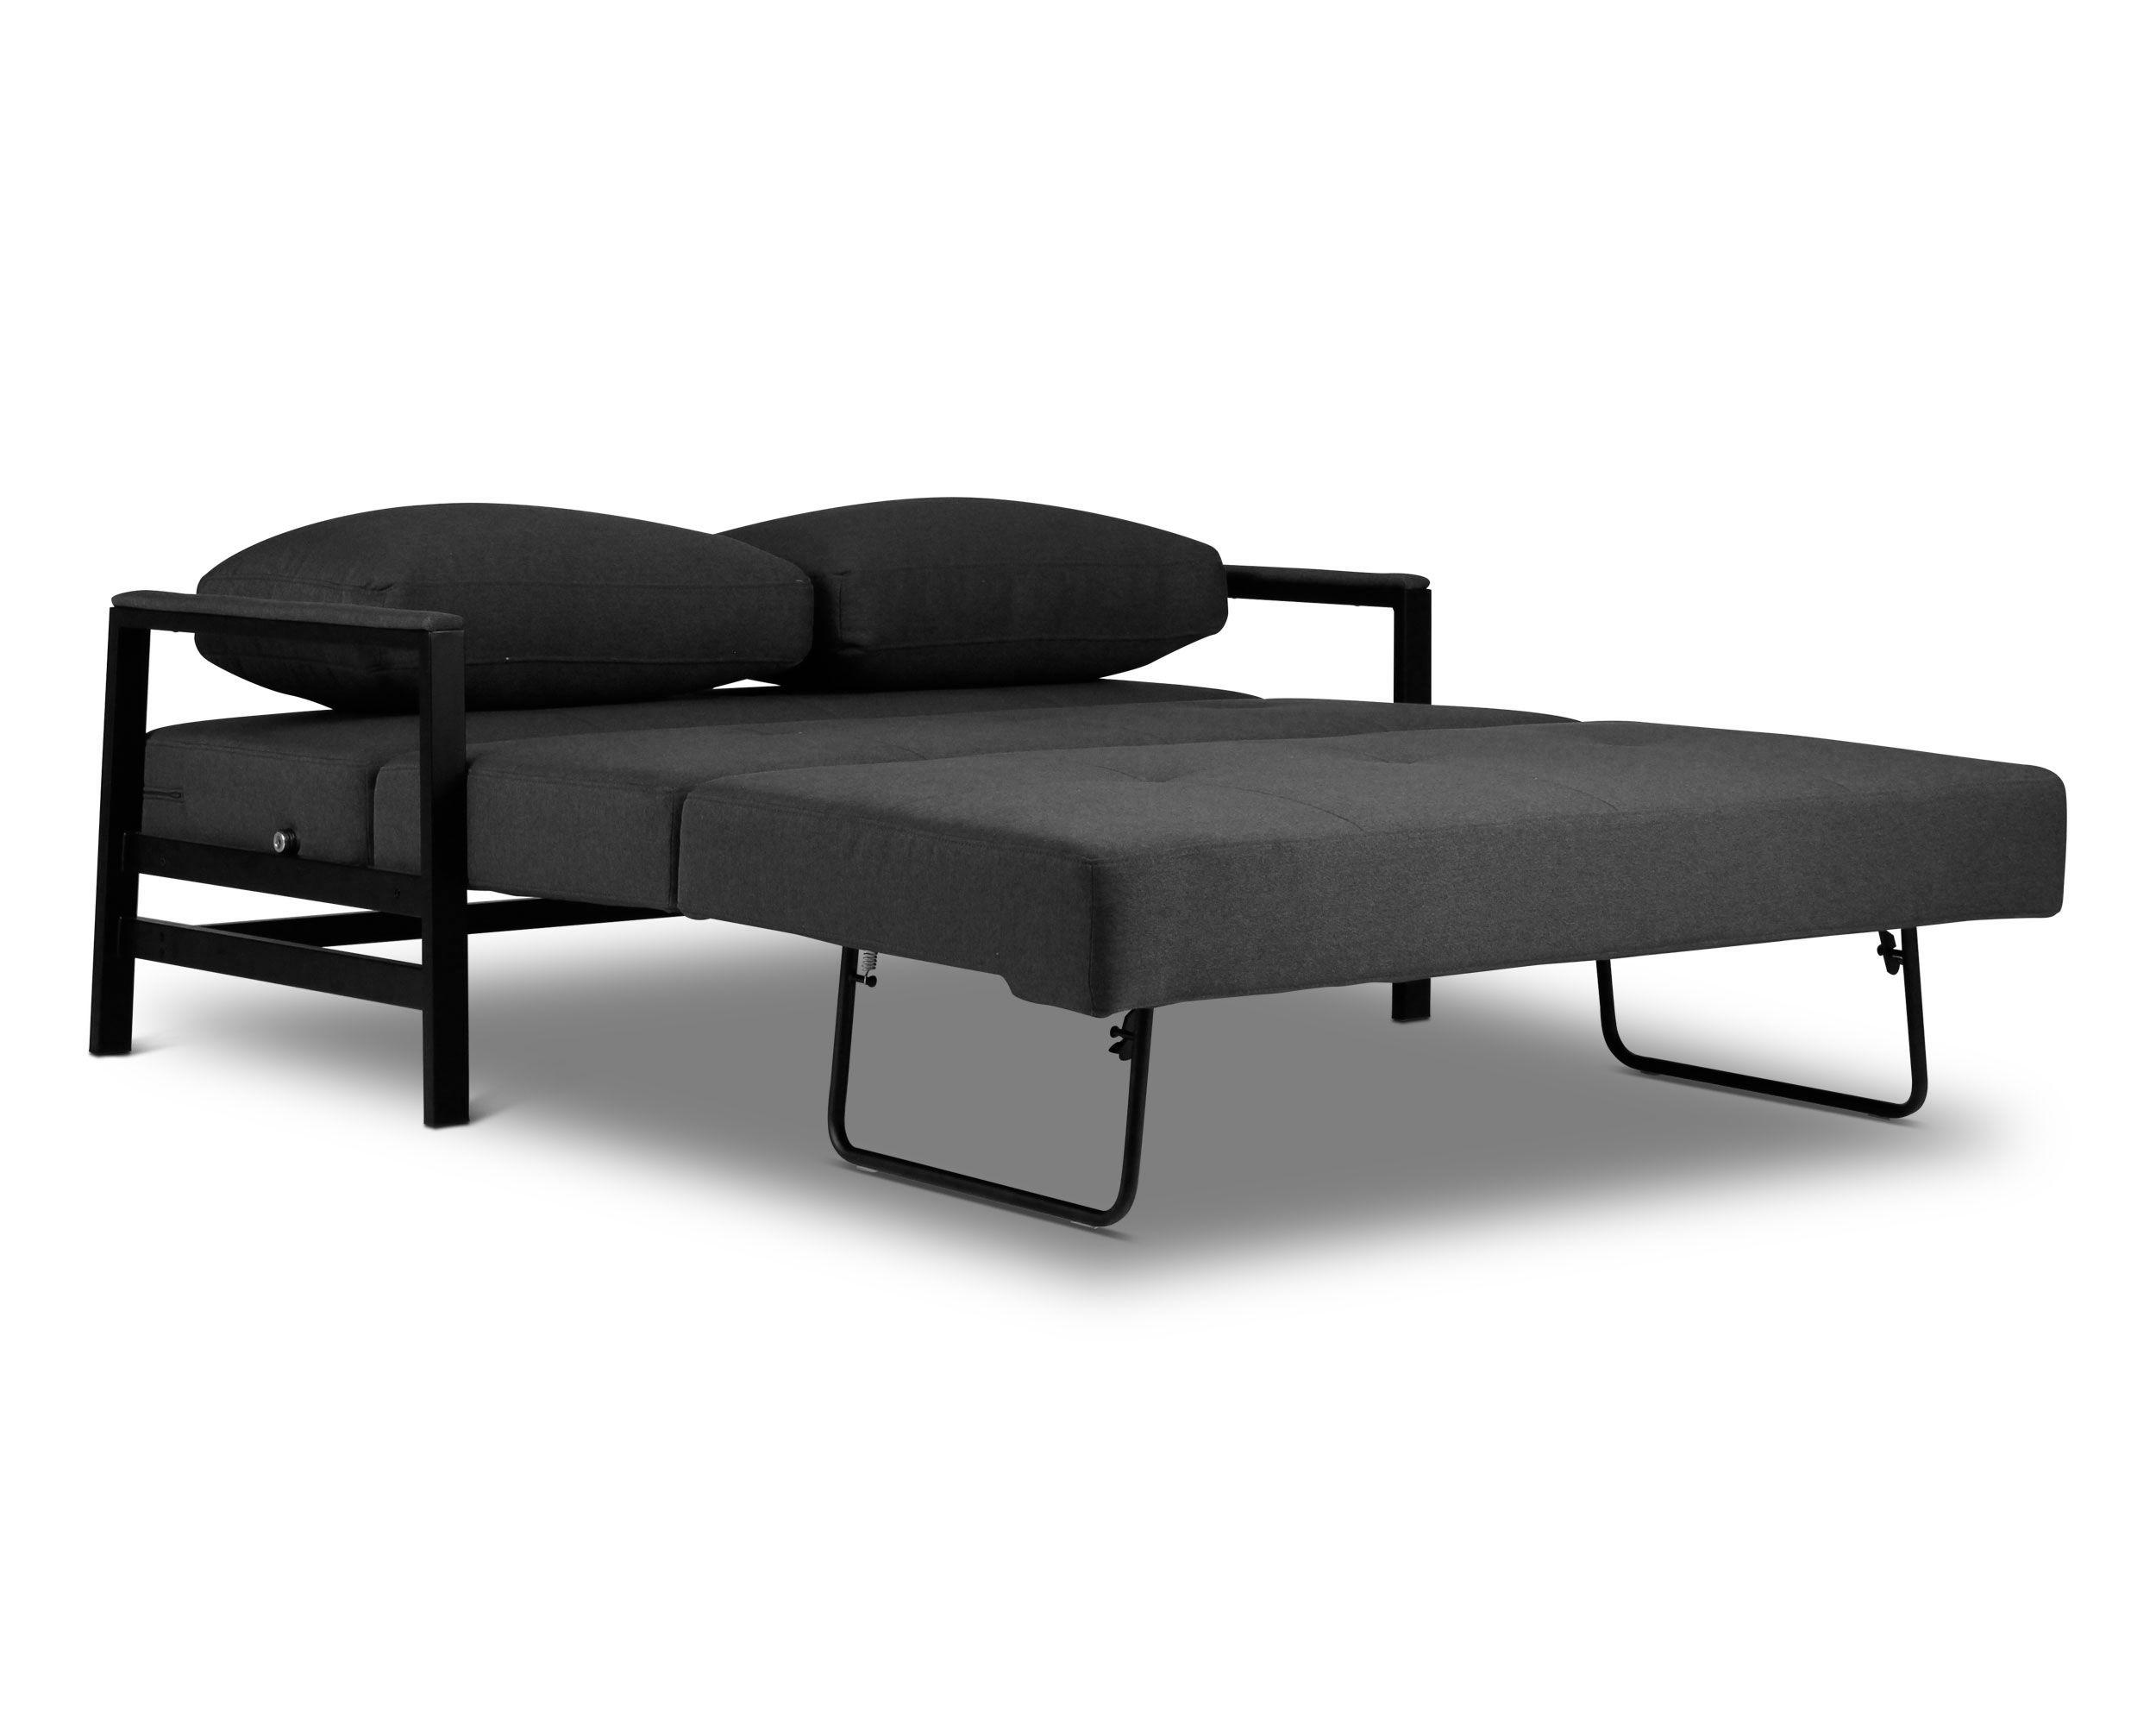 Kobe Fabric - 2 Seat Sofa Bed - Gun Metal Grey - Lounge Lovers | We ...